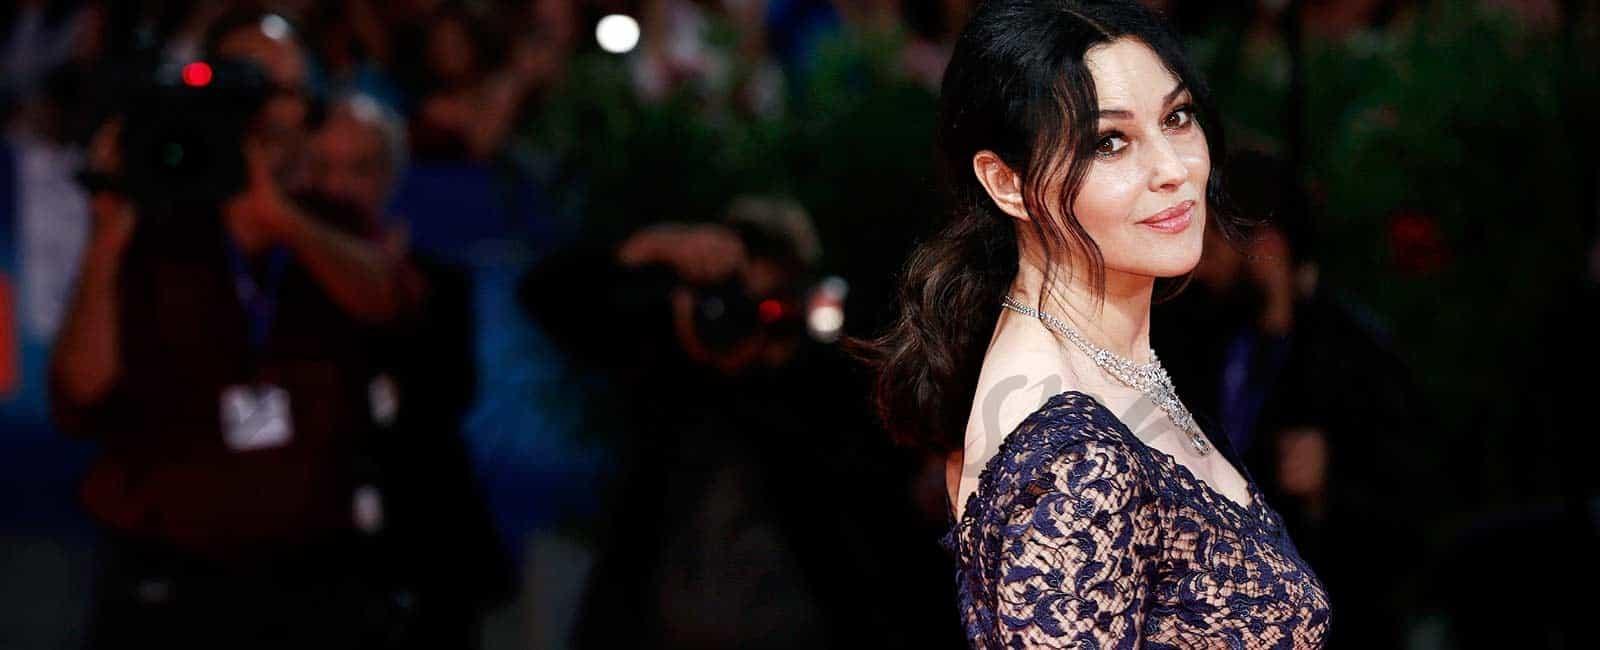 Pilar López de Ayala, Mónica Bellucci: duelo de bellezas en la ceremonia de clausura en Venecia